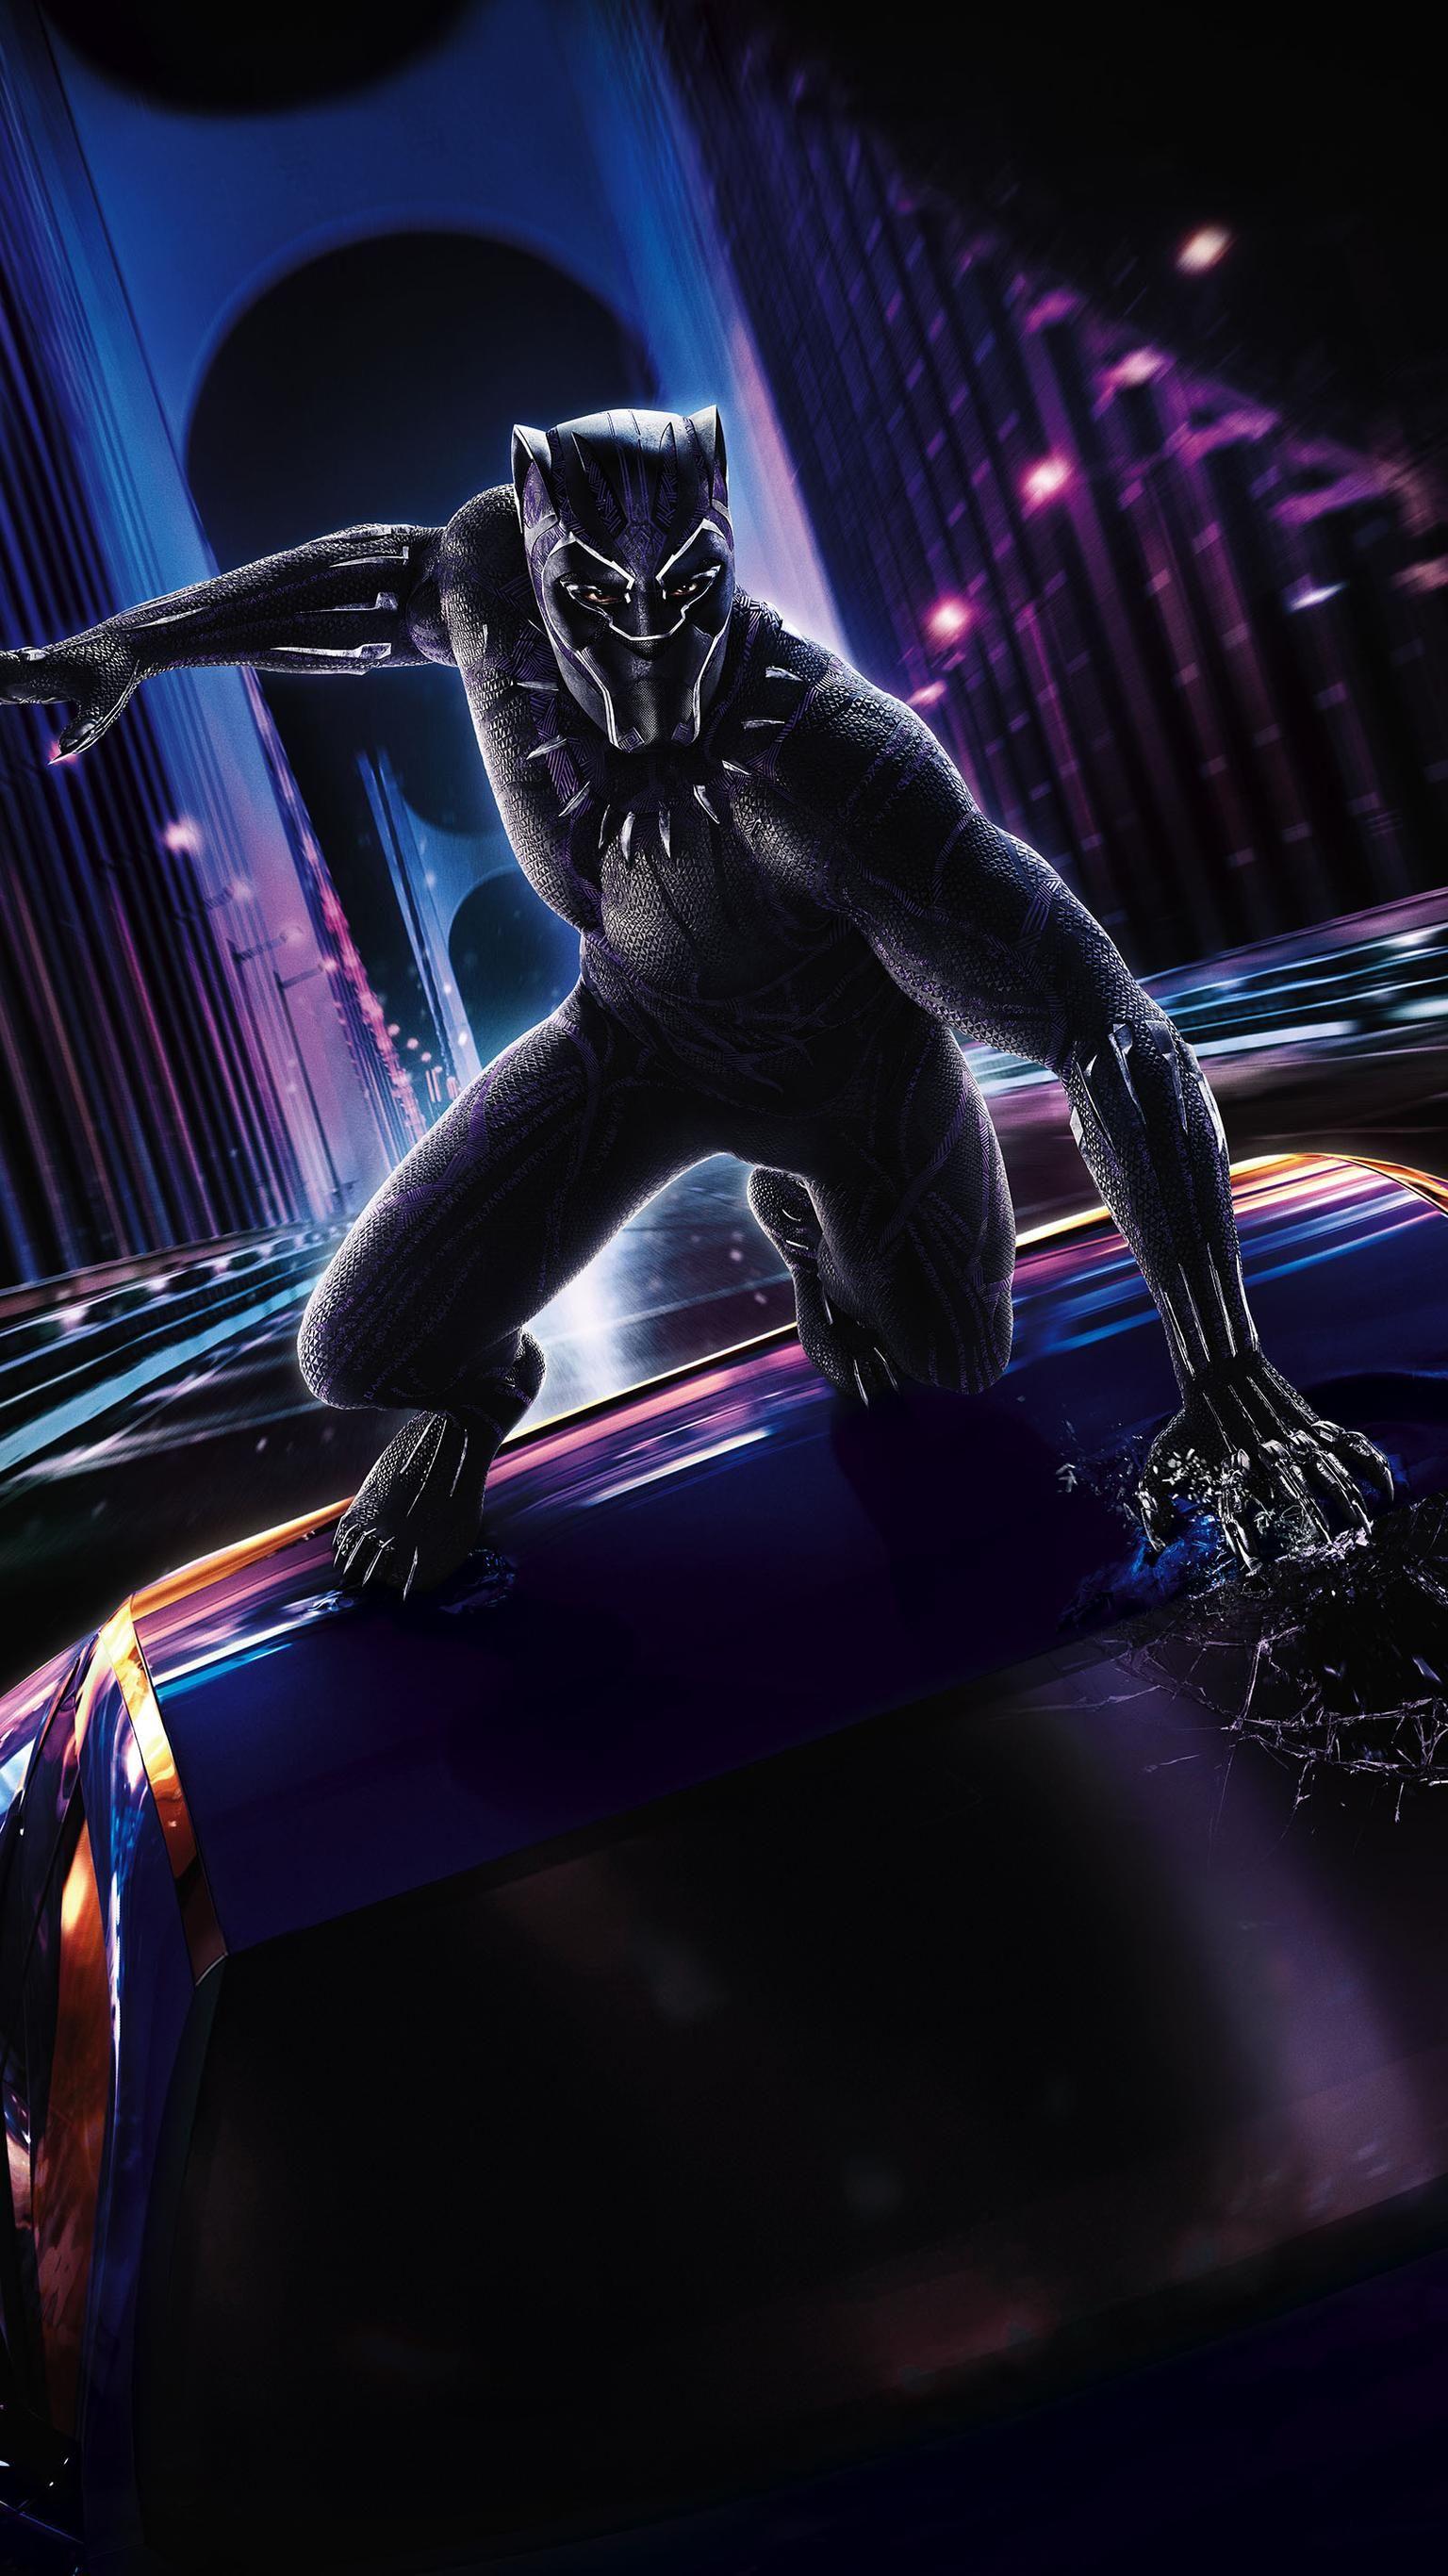 Black Panther 2018 Phone Wallpaper Black Panther Marvel Black Panther Black Panther Movie Poster